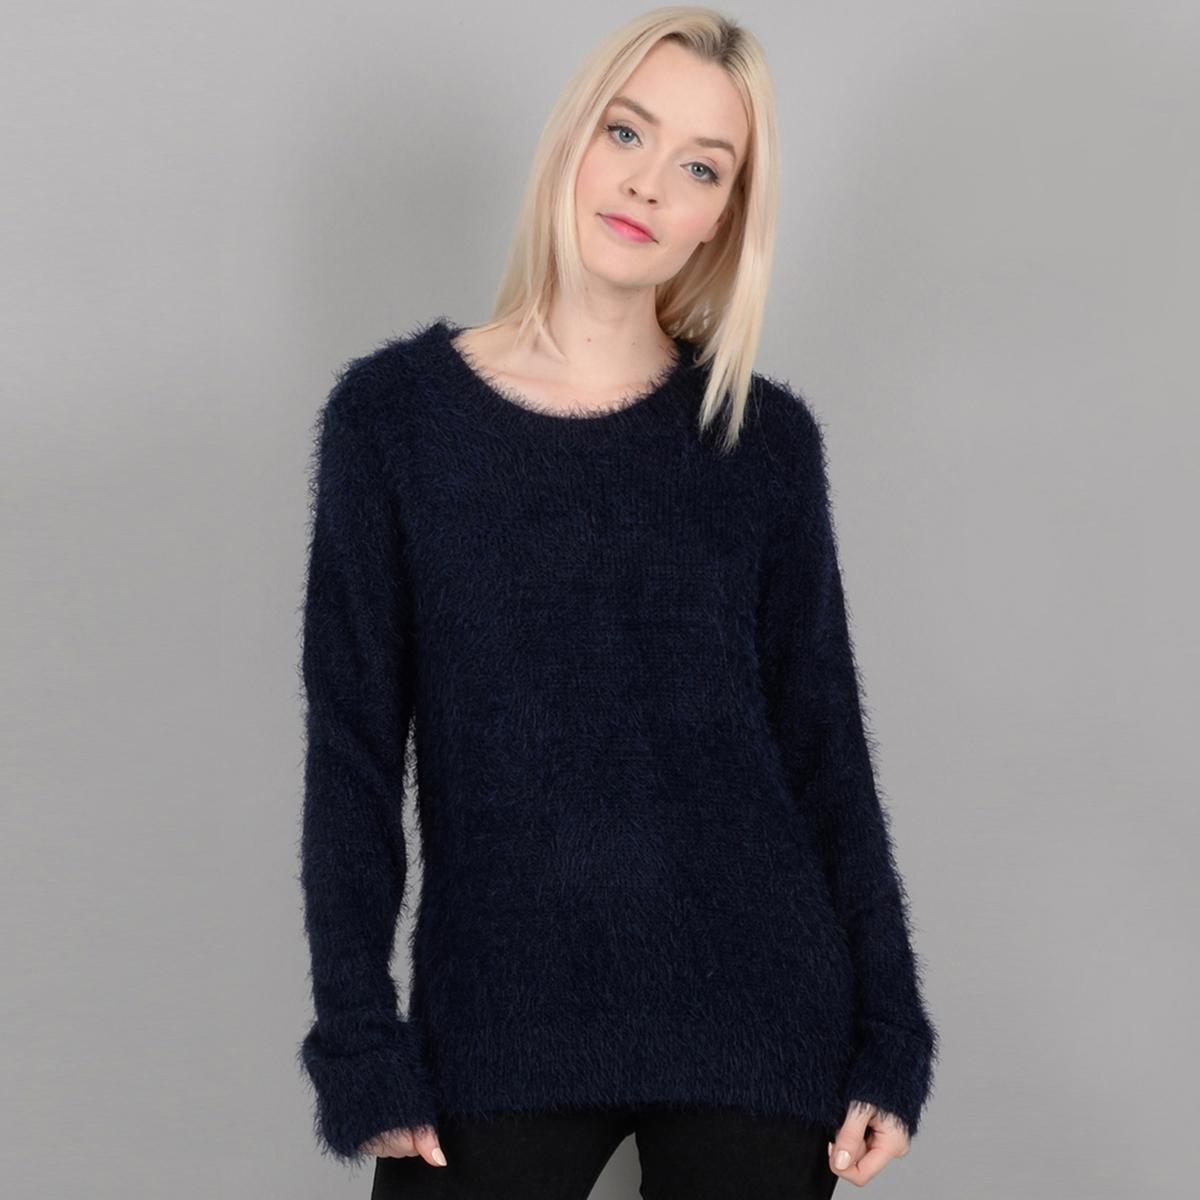 Пуловер из мягкого трикотажа с круглым вырезом и спинкой из кружева пуловер с круглым вырезом из хлопка и льна